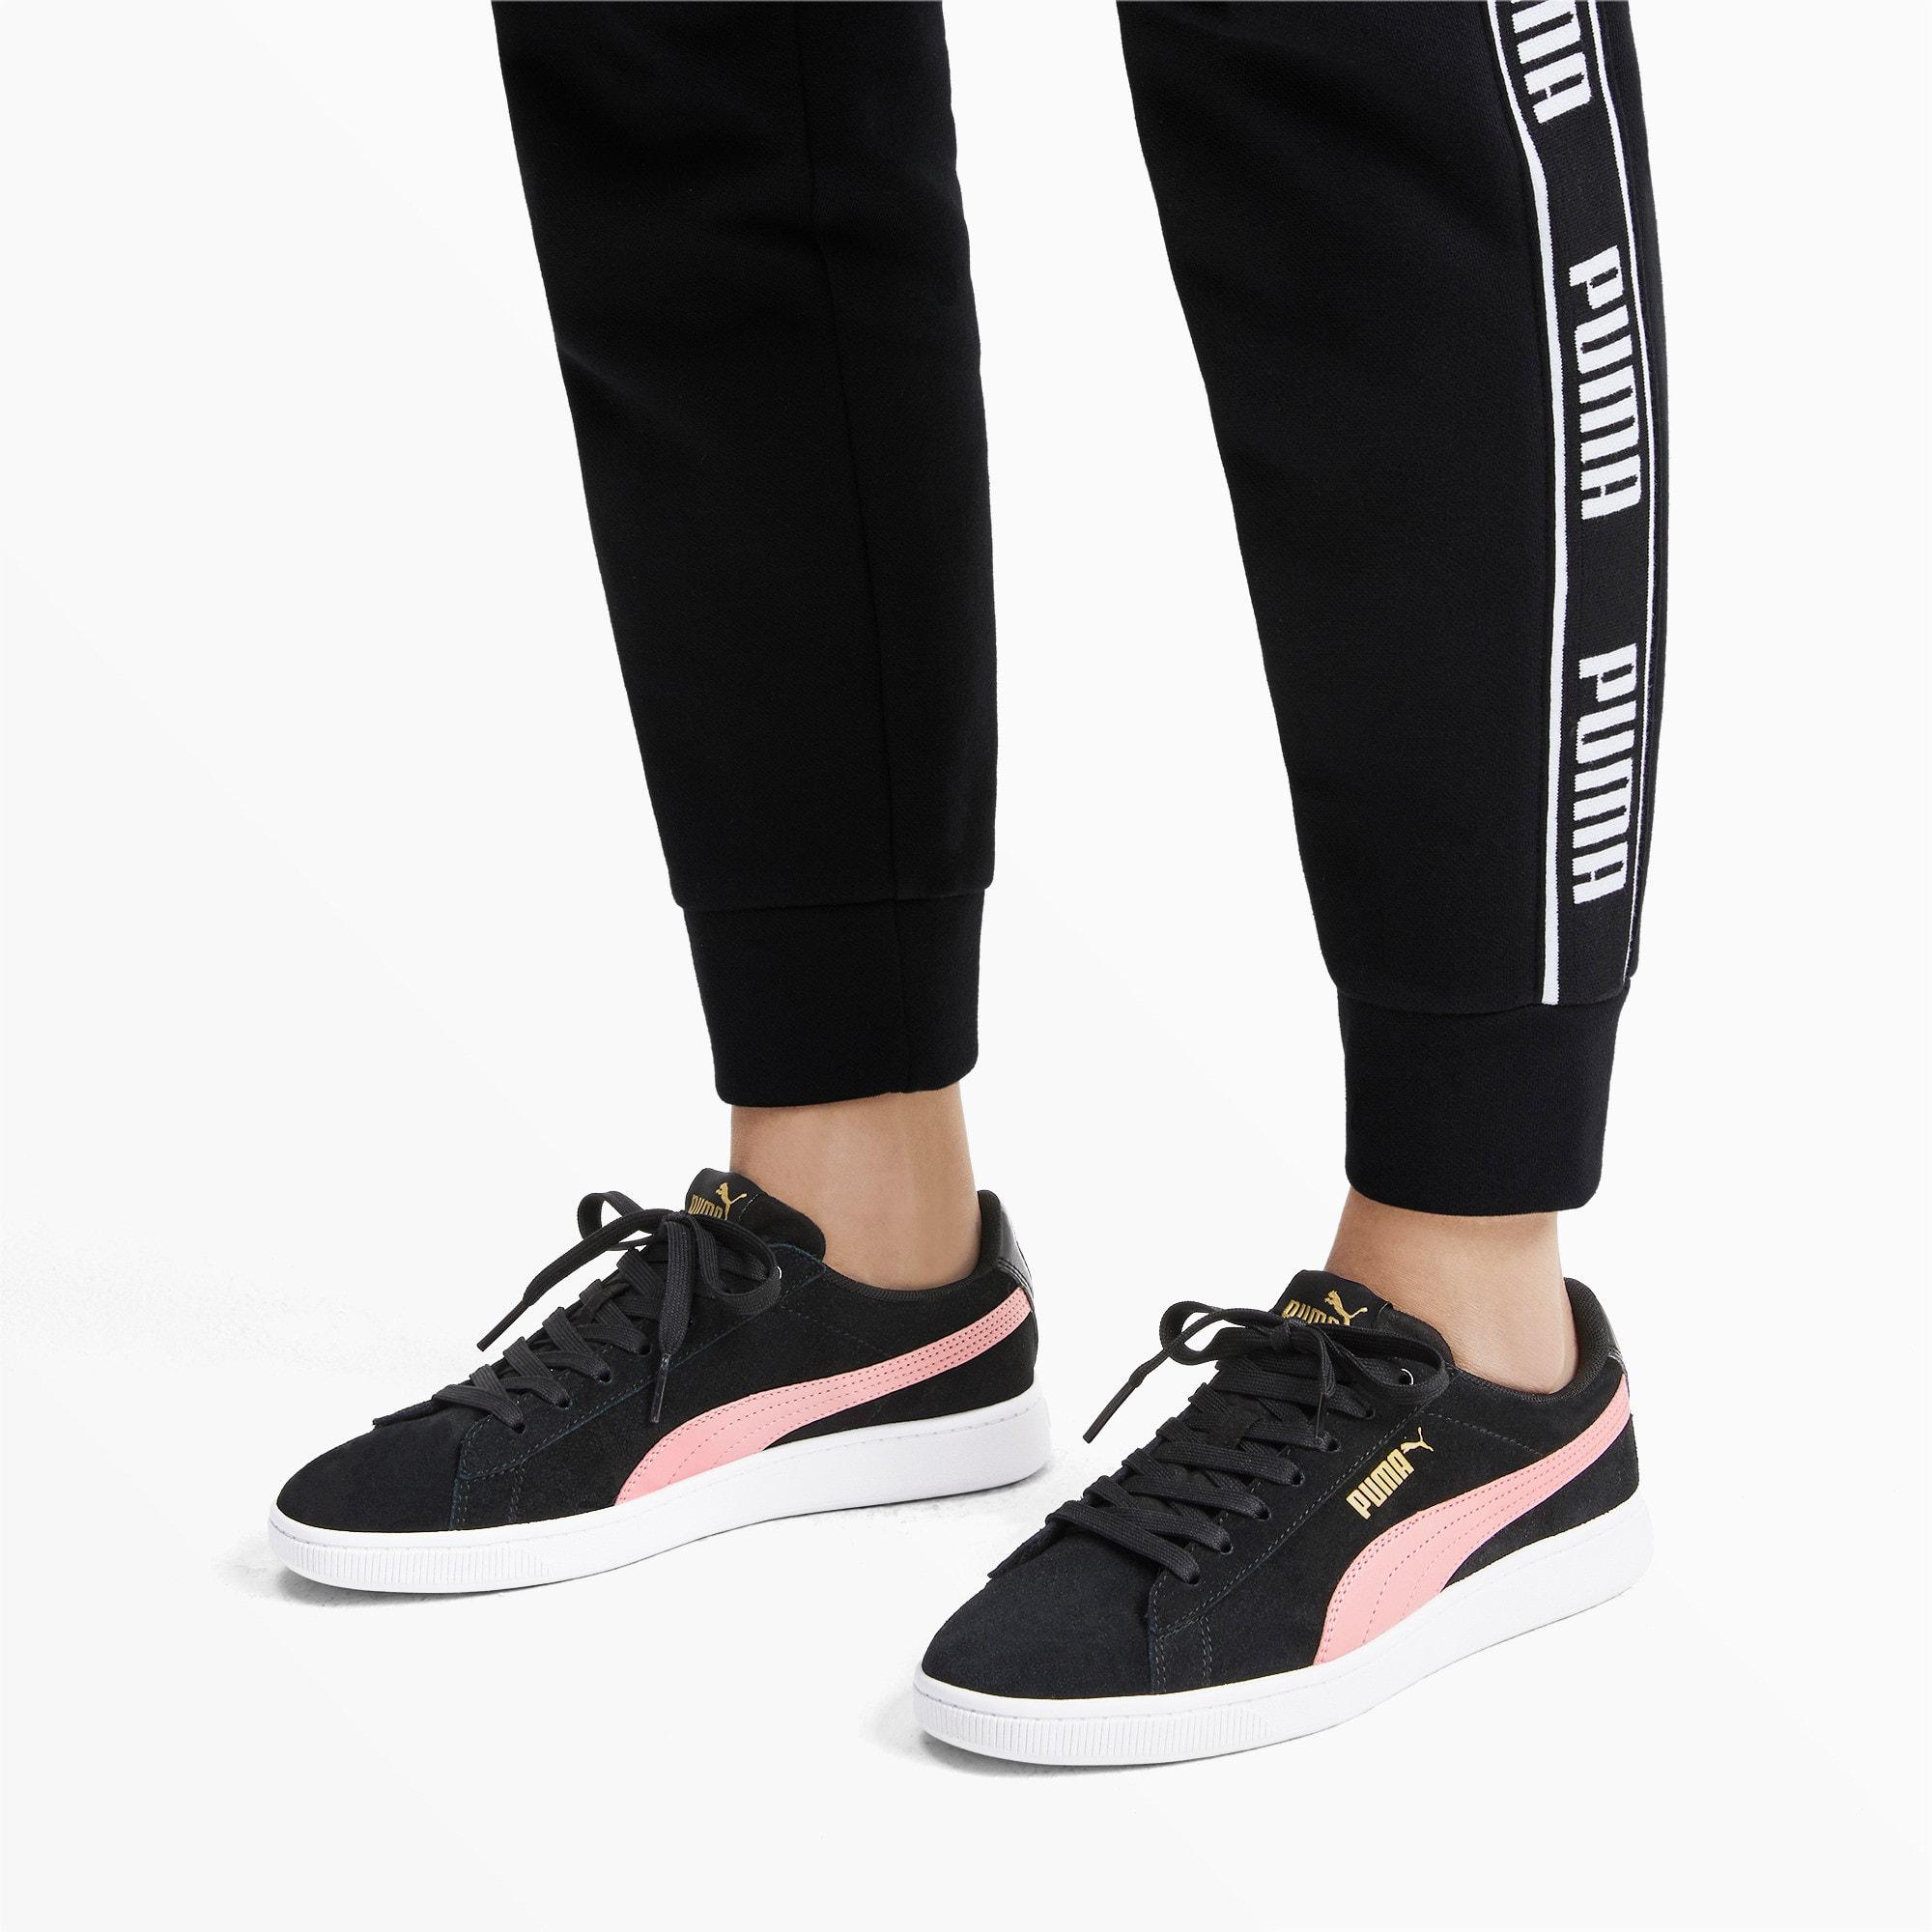 Thumbnail 3 of PUMA Vikky v2 Women's Sneakers, Puma Black-B Rose-Gold-White, medium